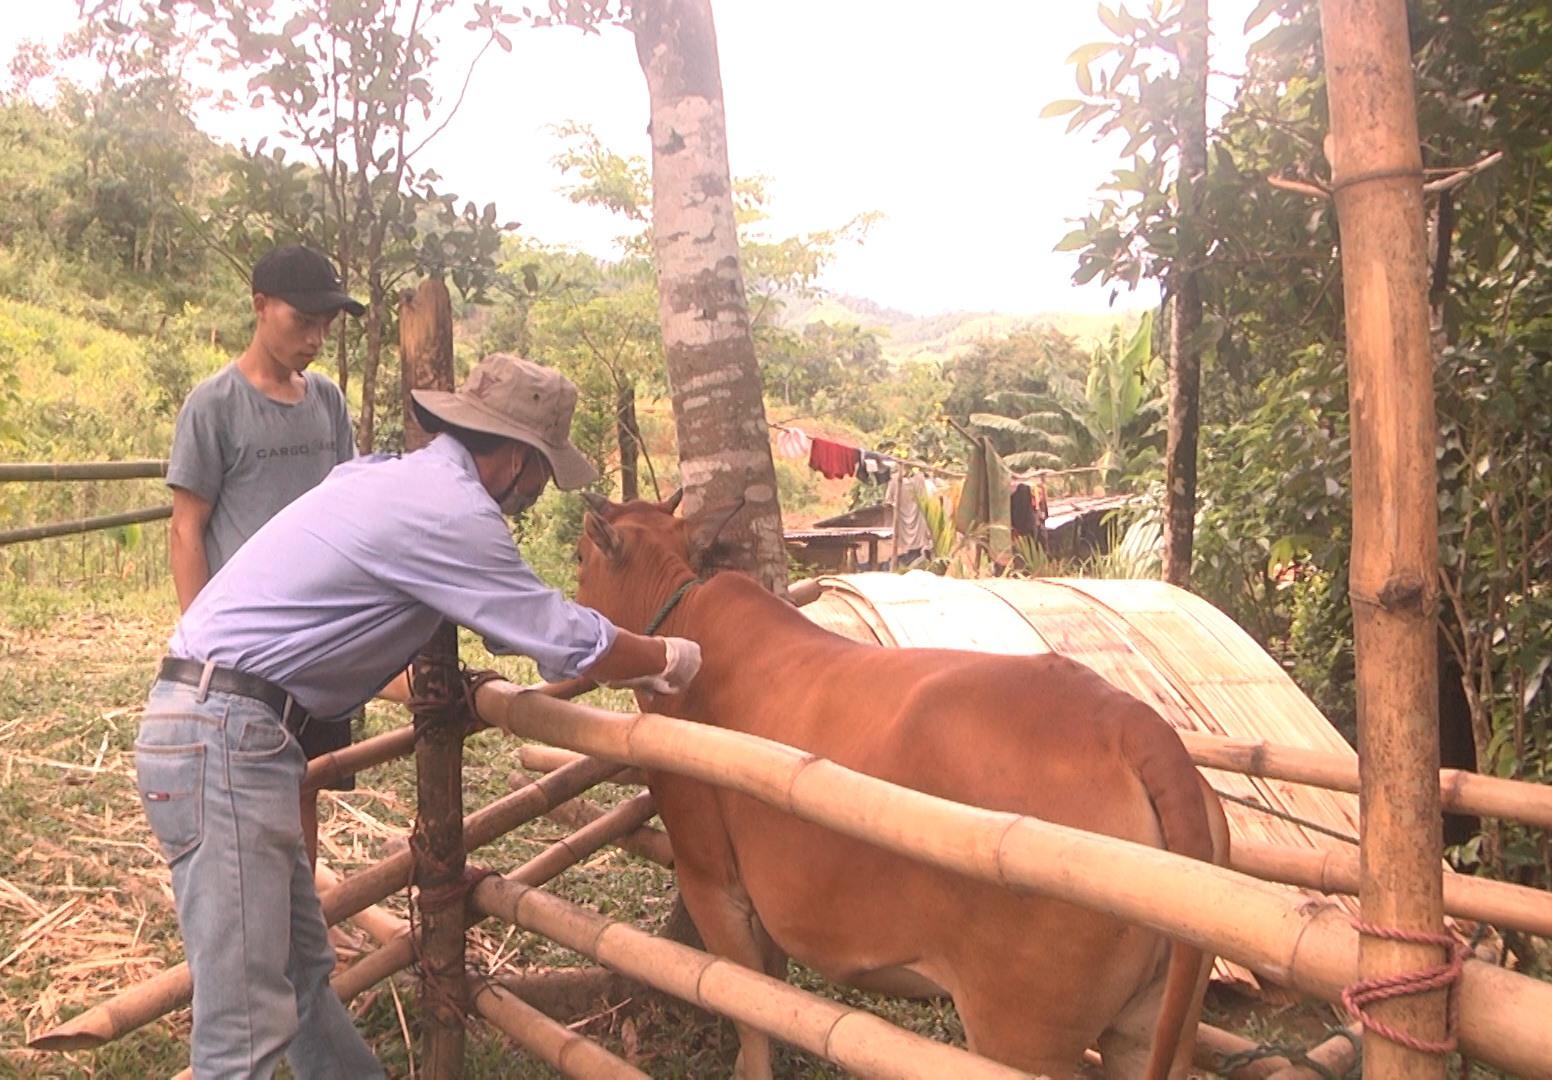 Cán bộ thú y huyện Nam Trà My tiêm vắc xin viêm da nổi cục cho đàn bò. Ảnh: T.M